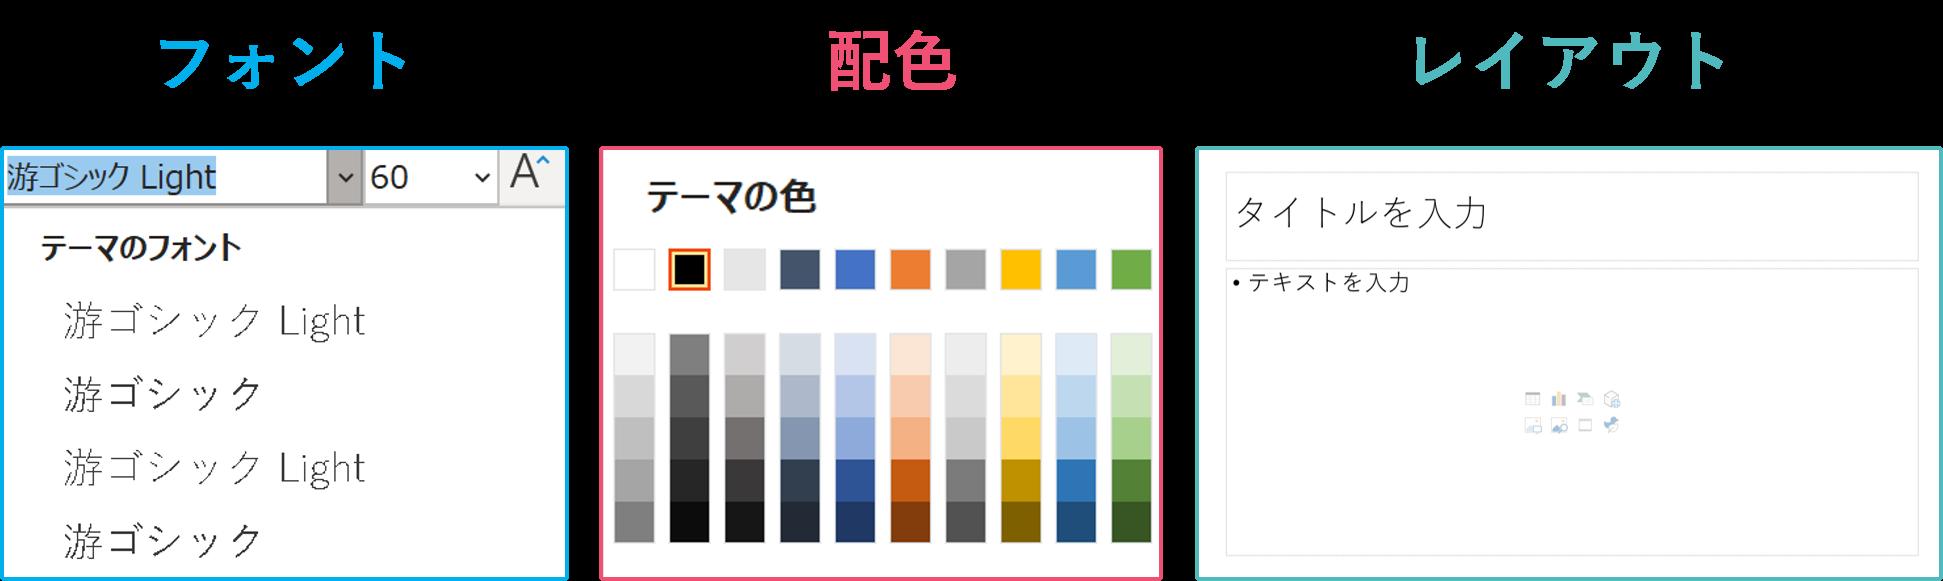 パワーポイントのフォント、配色、レイアウトの初期設定